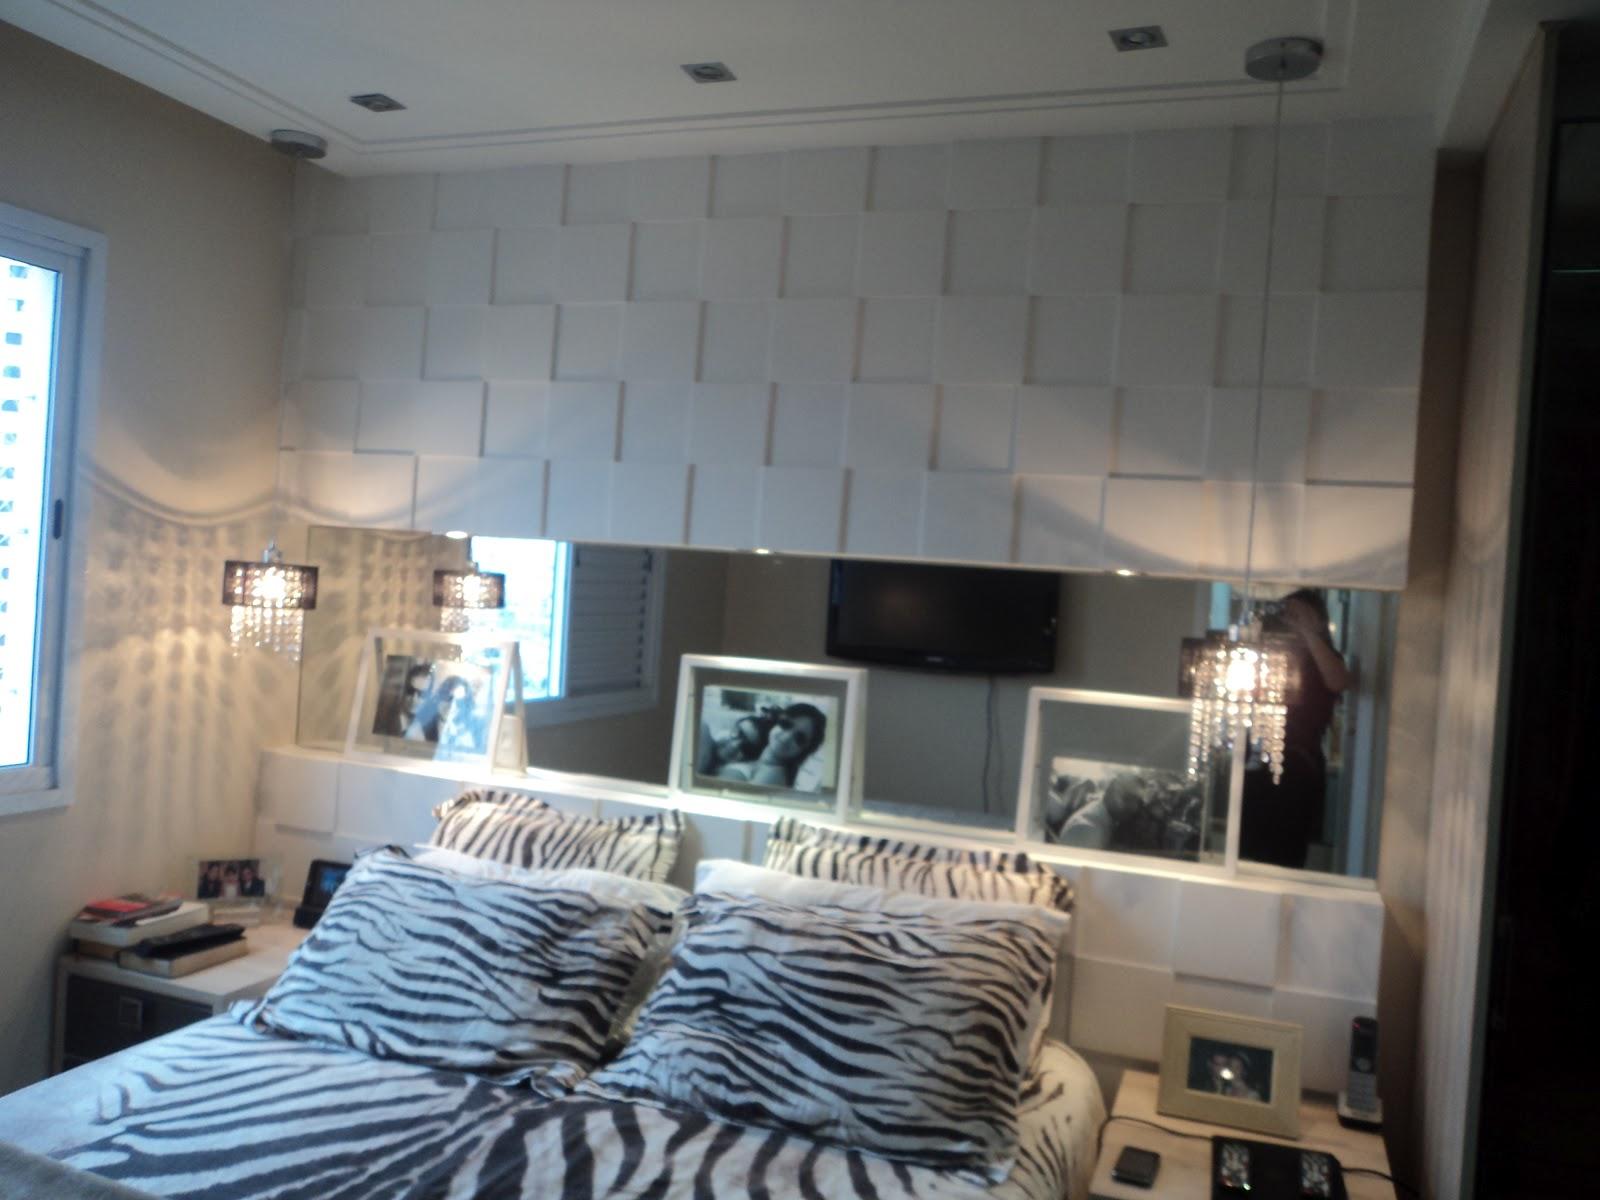 #3E6C8D sala de estar sala de jantar e dormitórios dando a liberdade de ser  1600x1200 píxeis em Decoração De Sala De Jantar Com Gesso